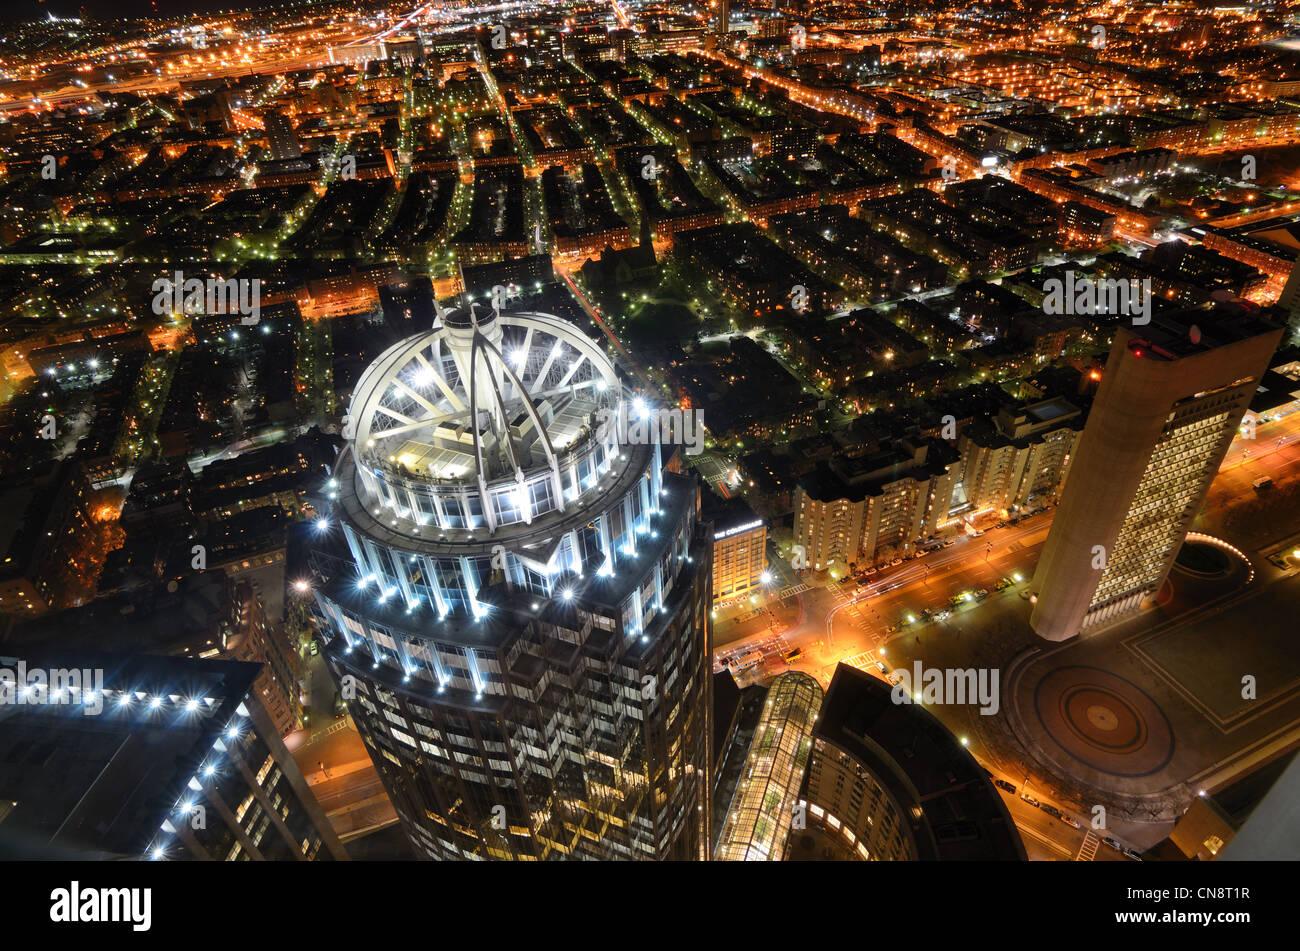 Vista aérea de Back Bay en Boston, Massachusetts, Estados Unidos. Imagen De Stock